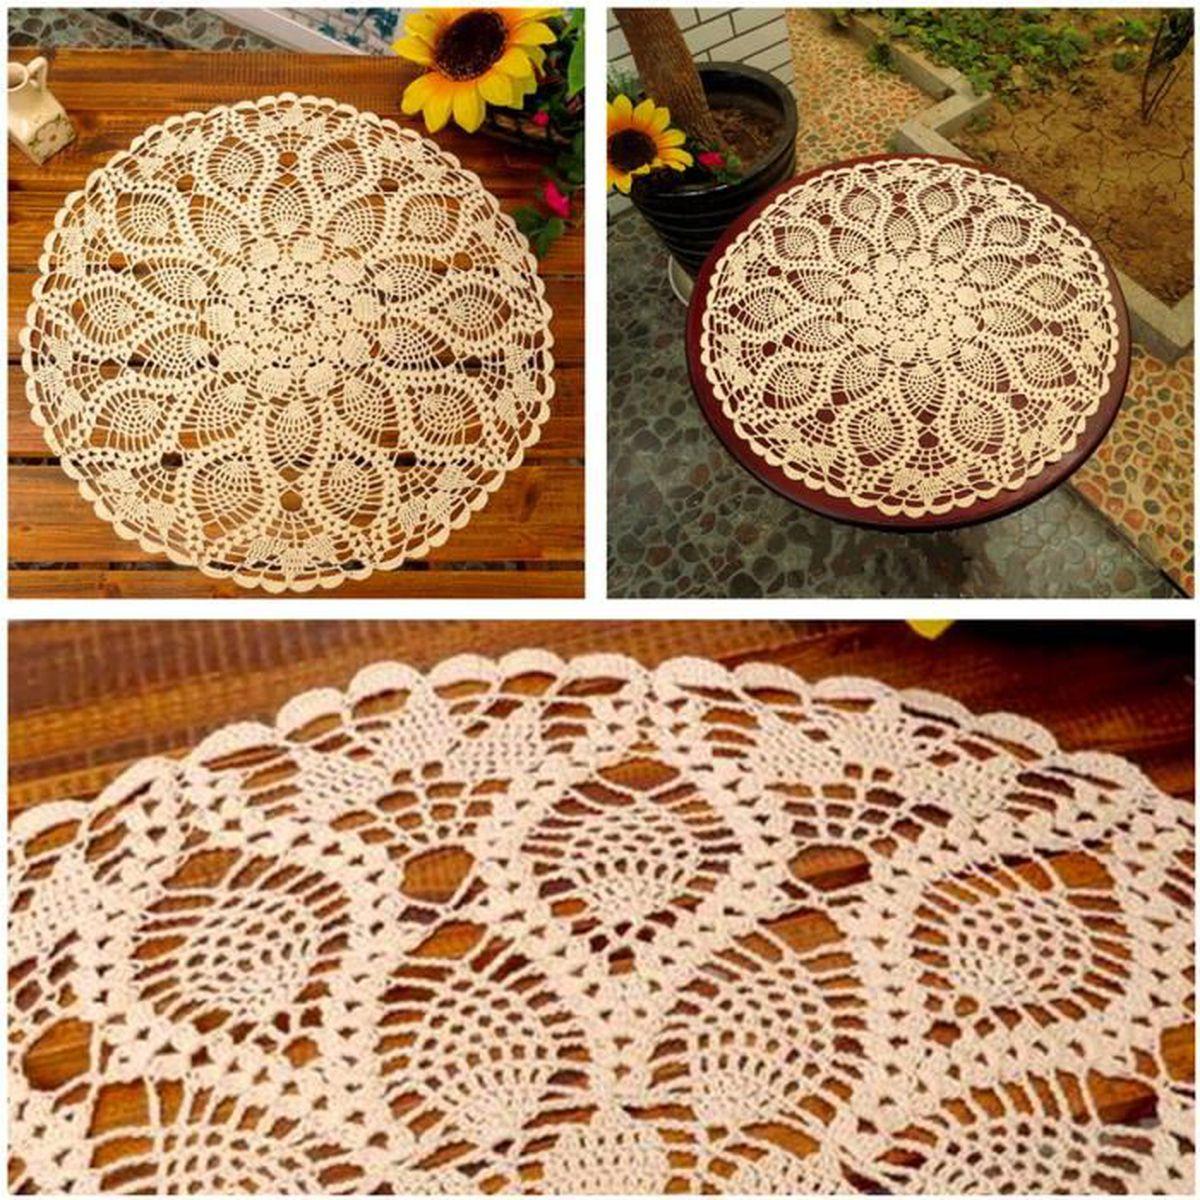 Grand Napperon Au Crochet tout 60cm napperon nappe tabletapis ronde coton lace dentelle floral main